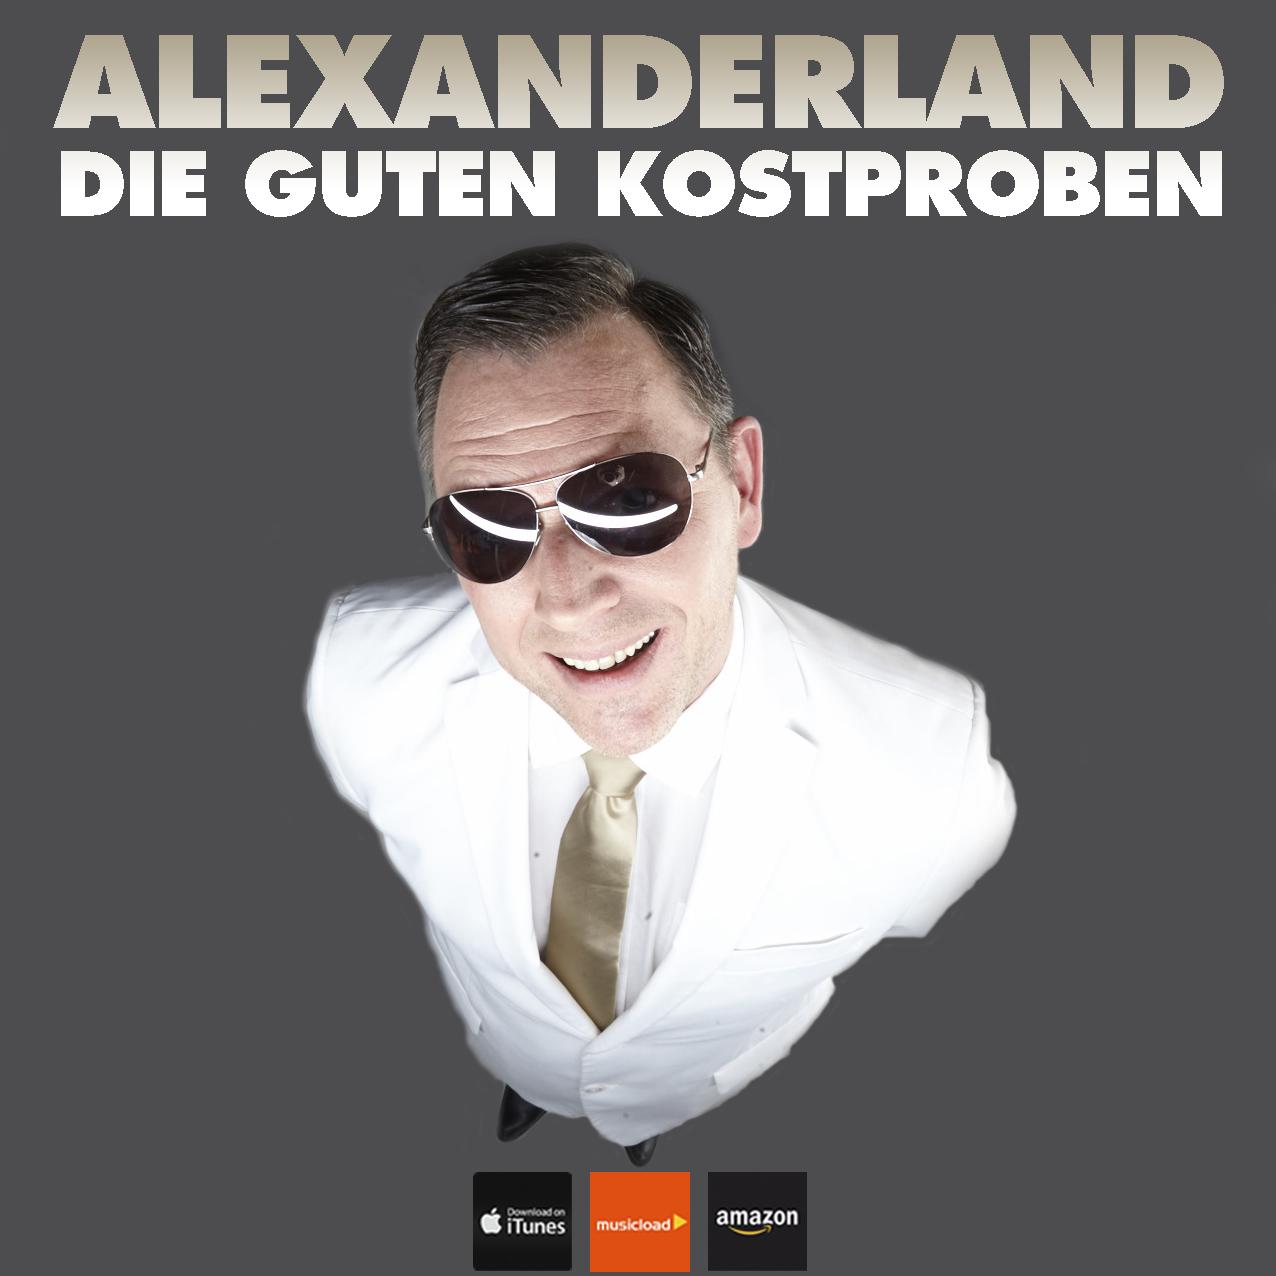 ALEXANDERLAND – DIE GUTEN KOSTPROBEN